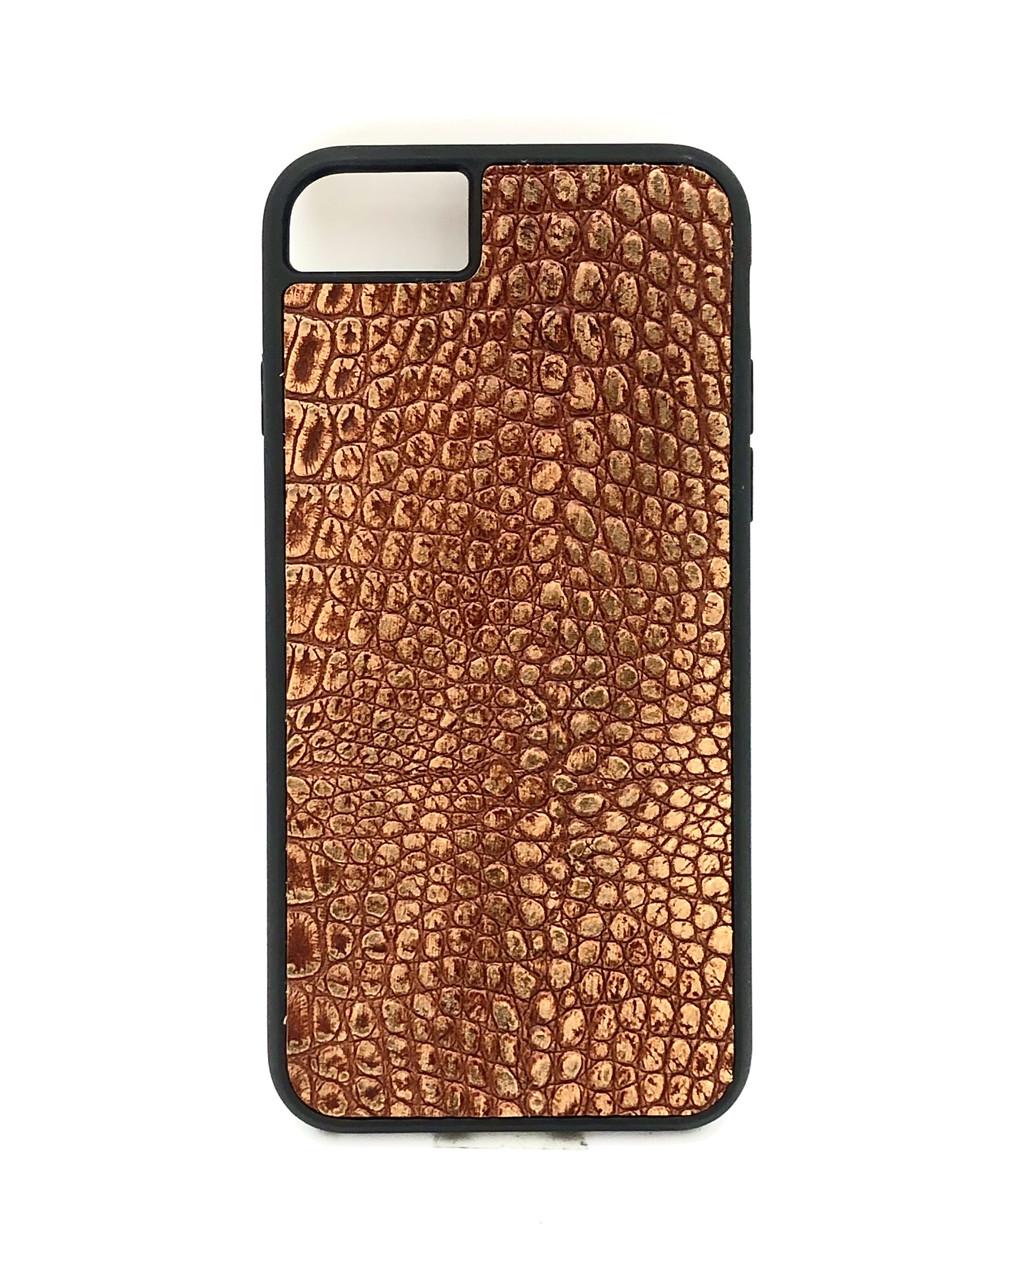 Чехол для iPhone 7/8 коньячного цвета из Телячьей кожи тиснёной под Крокодила